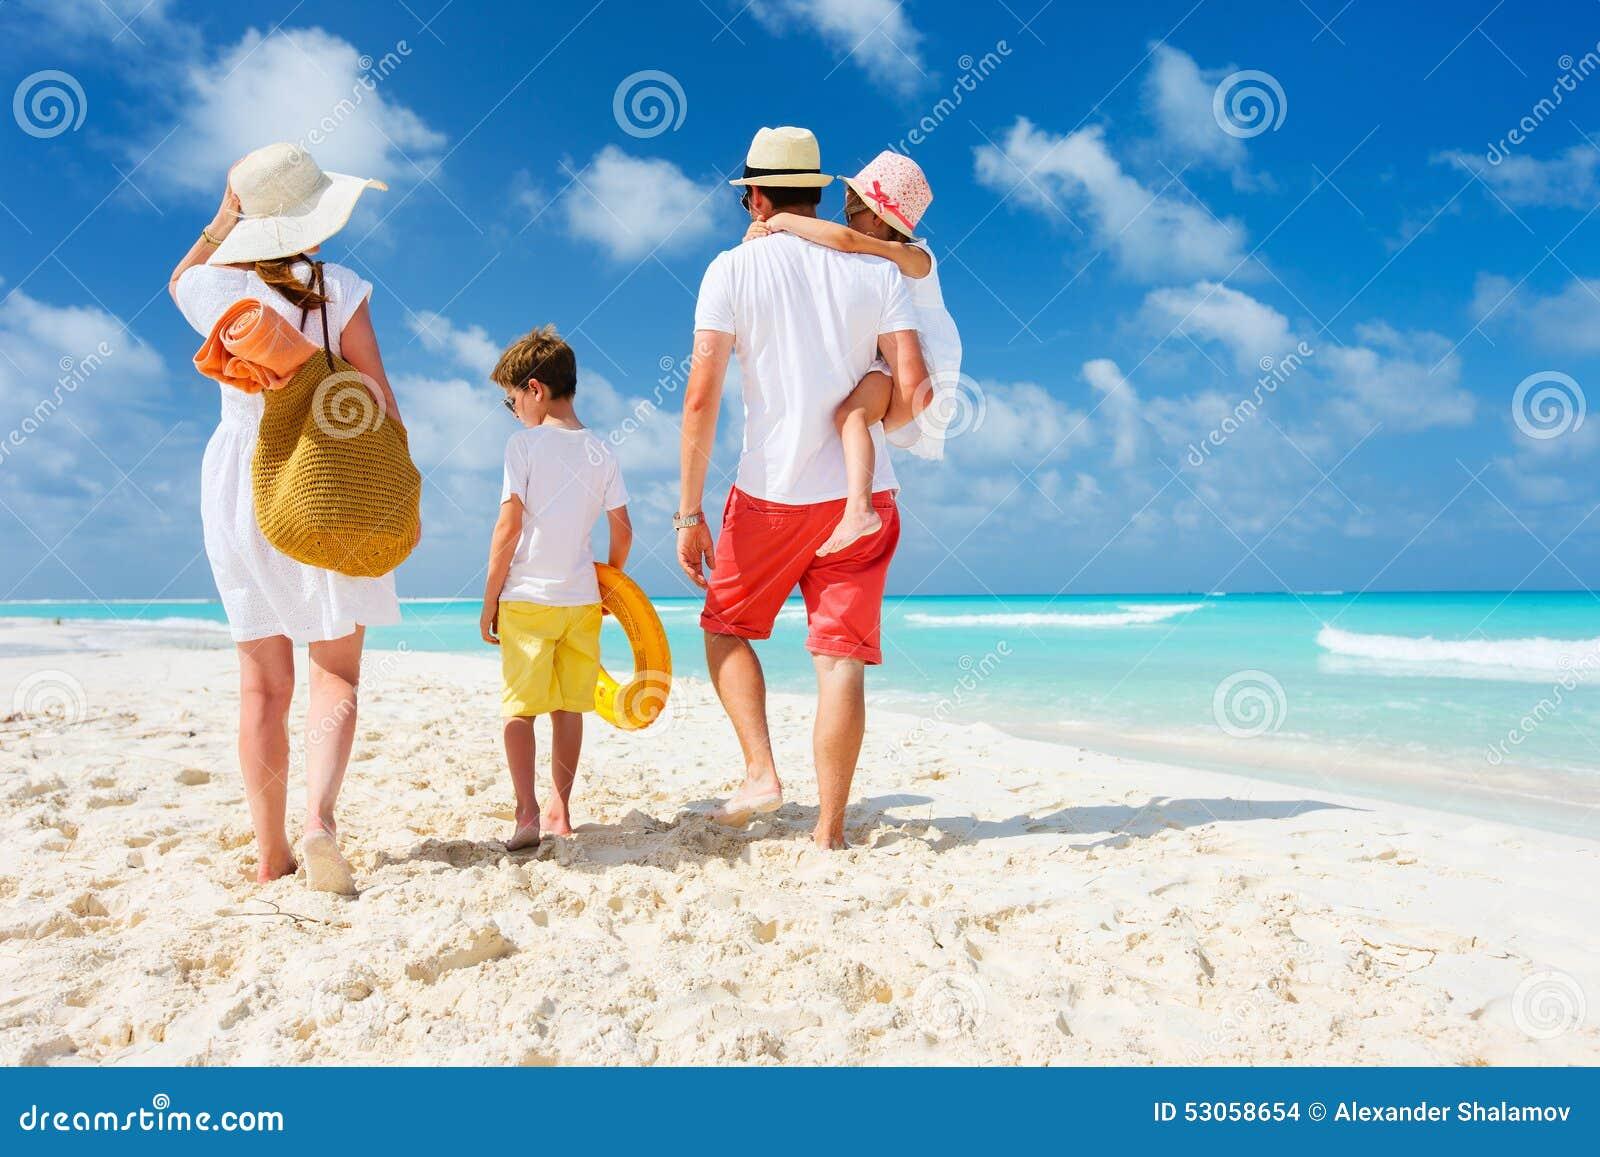 Vacanza della spiaggia della famiglia